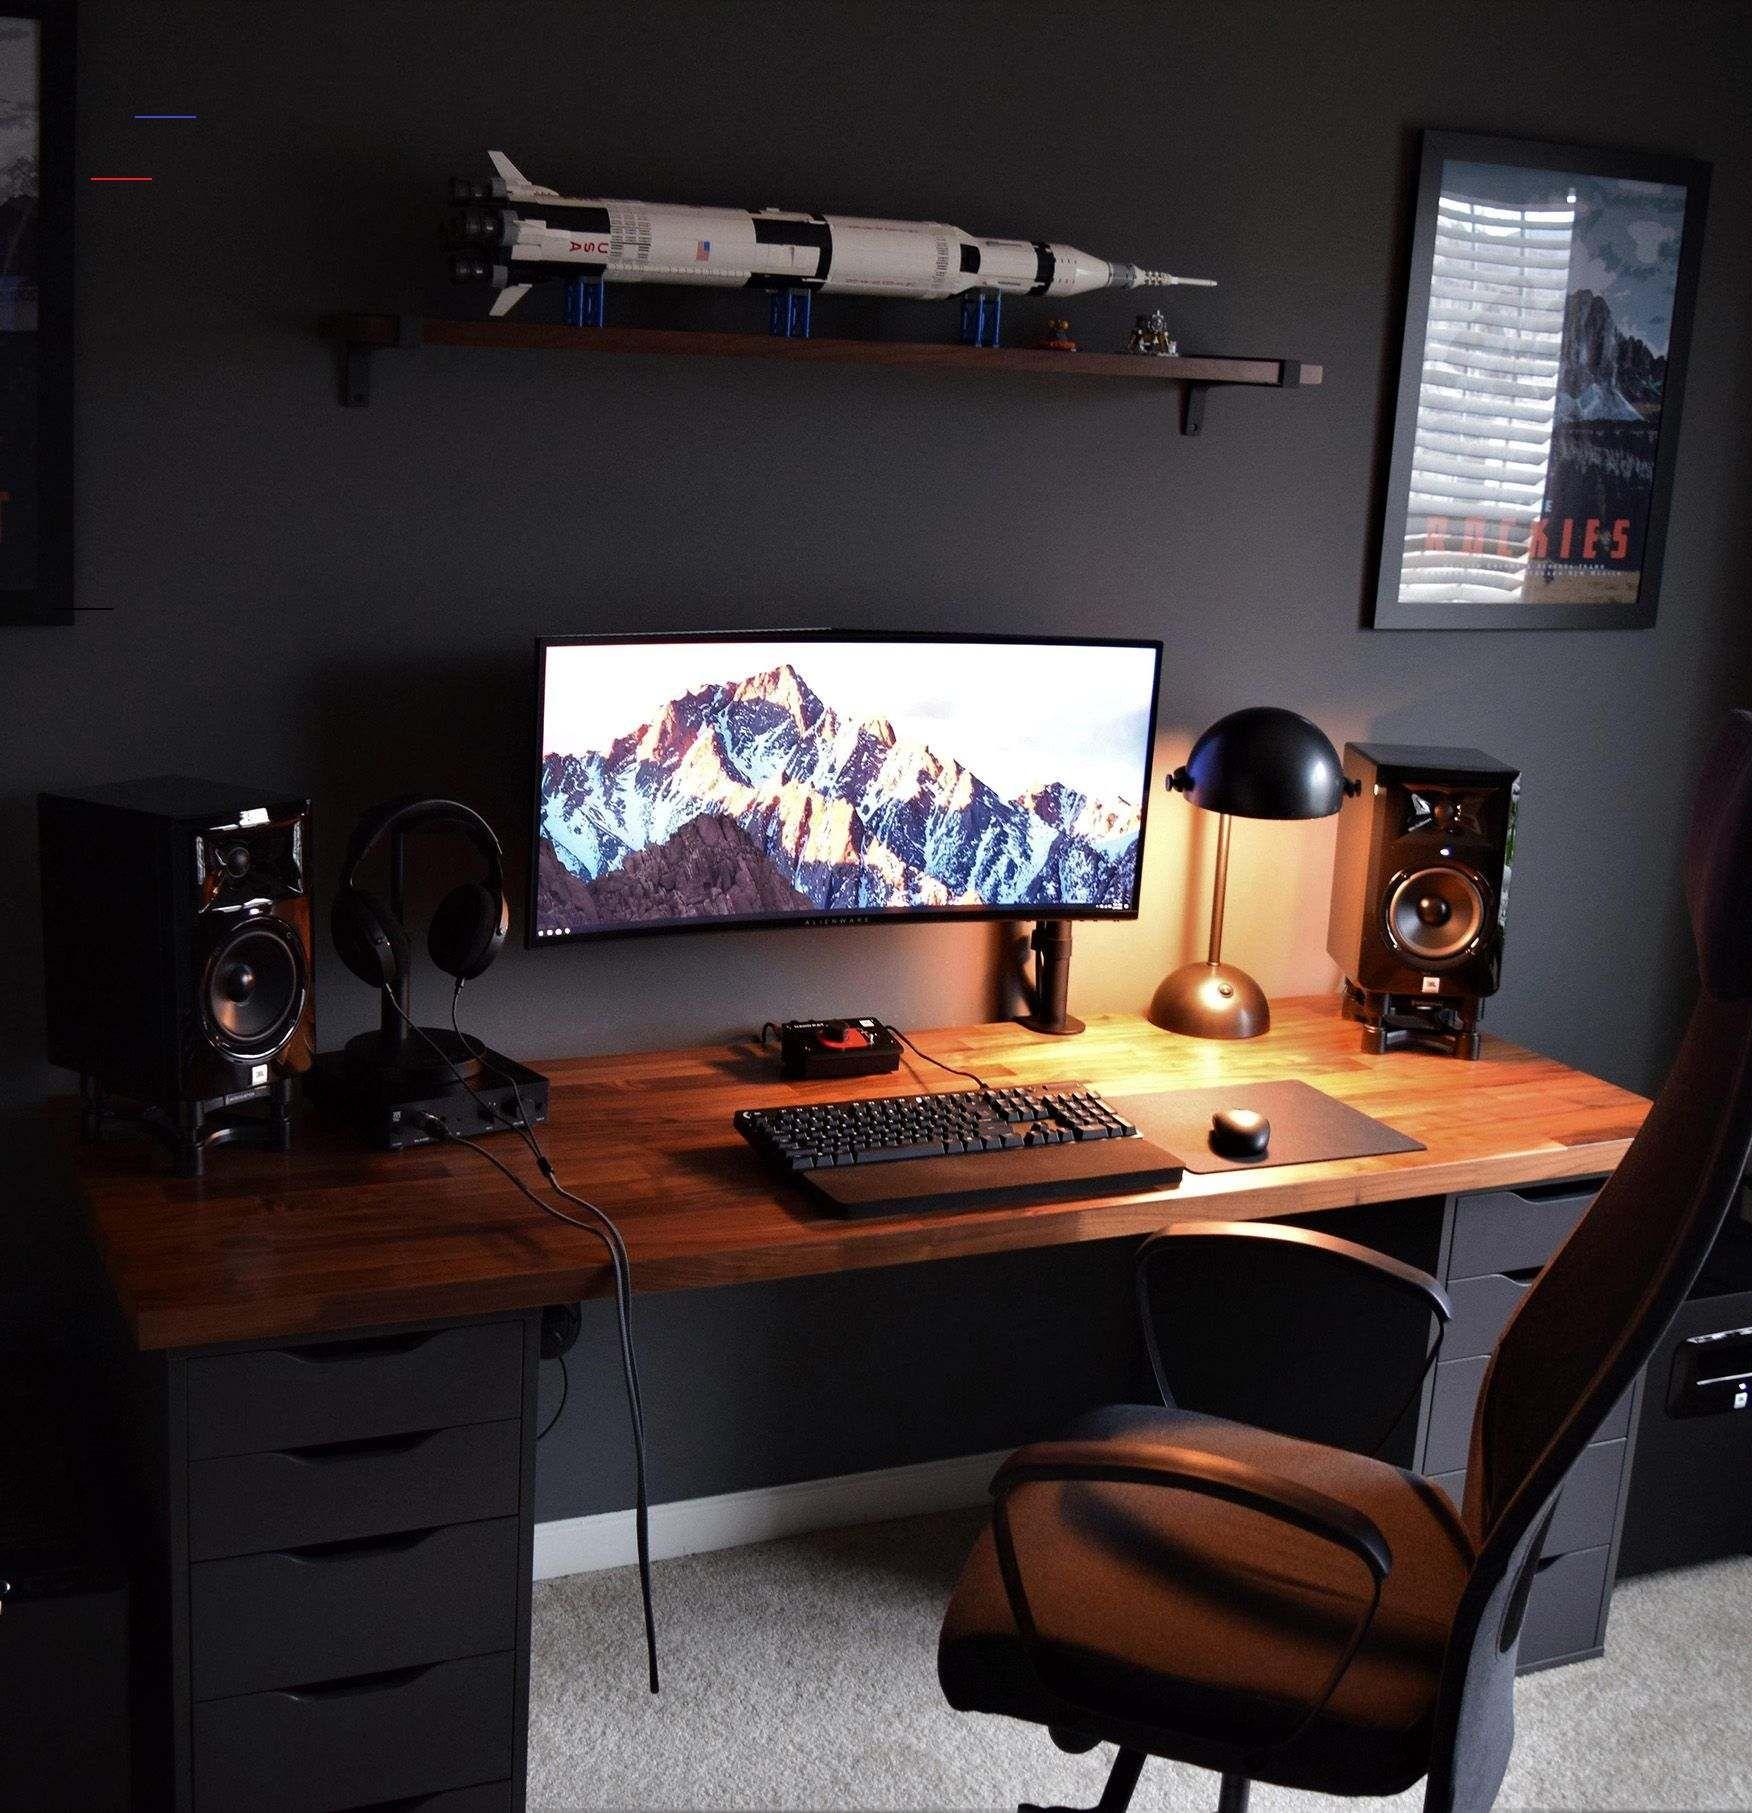 Best Homeoffice Desk: Jfox's Setup - #gamingdesk